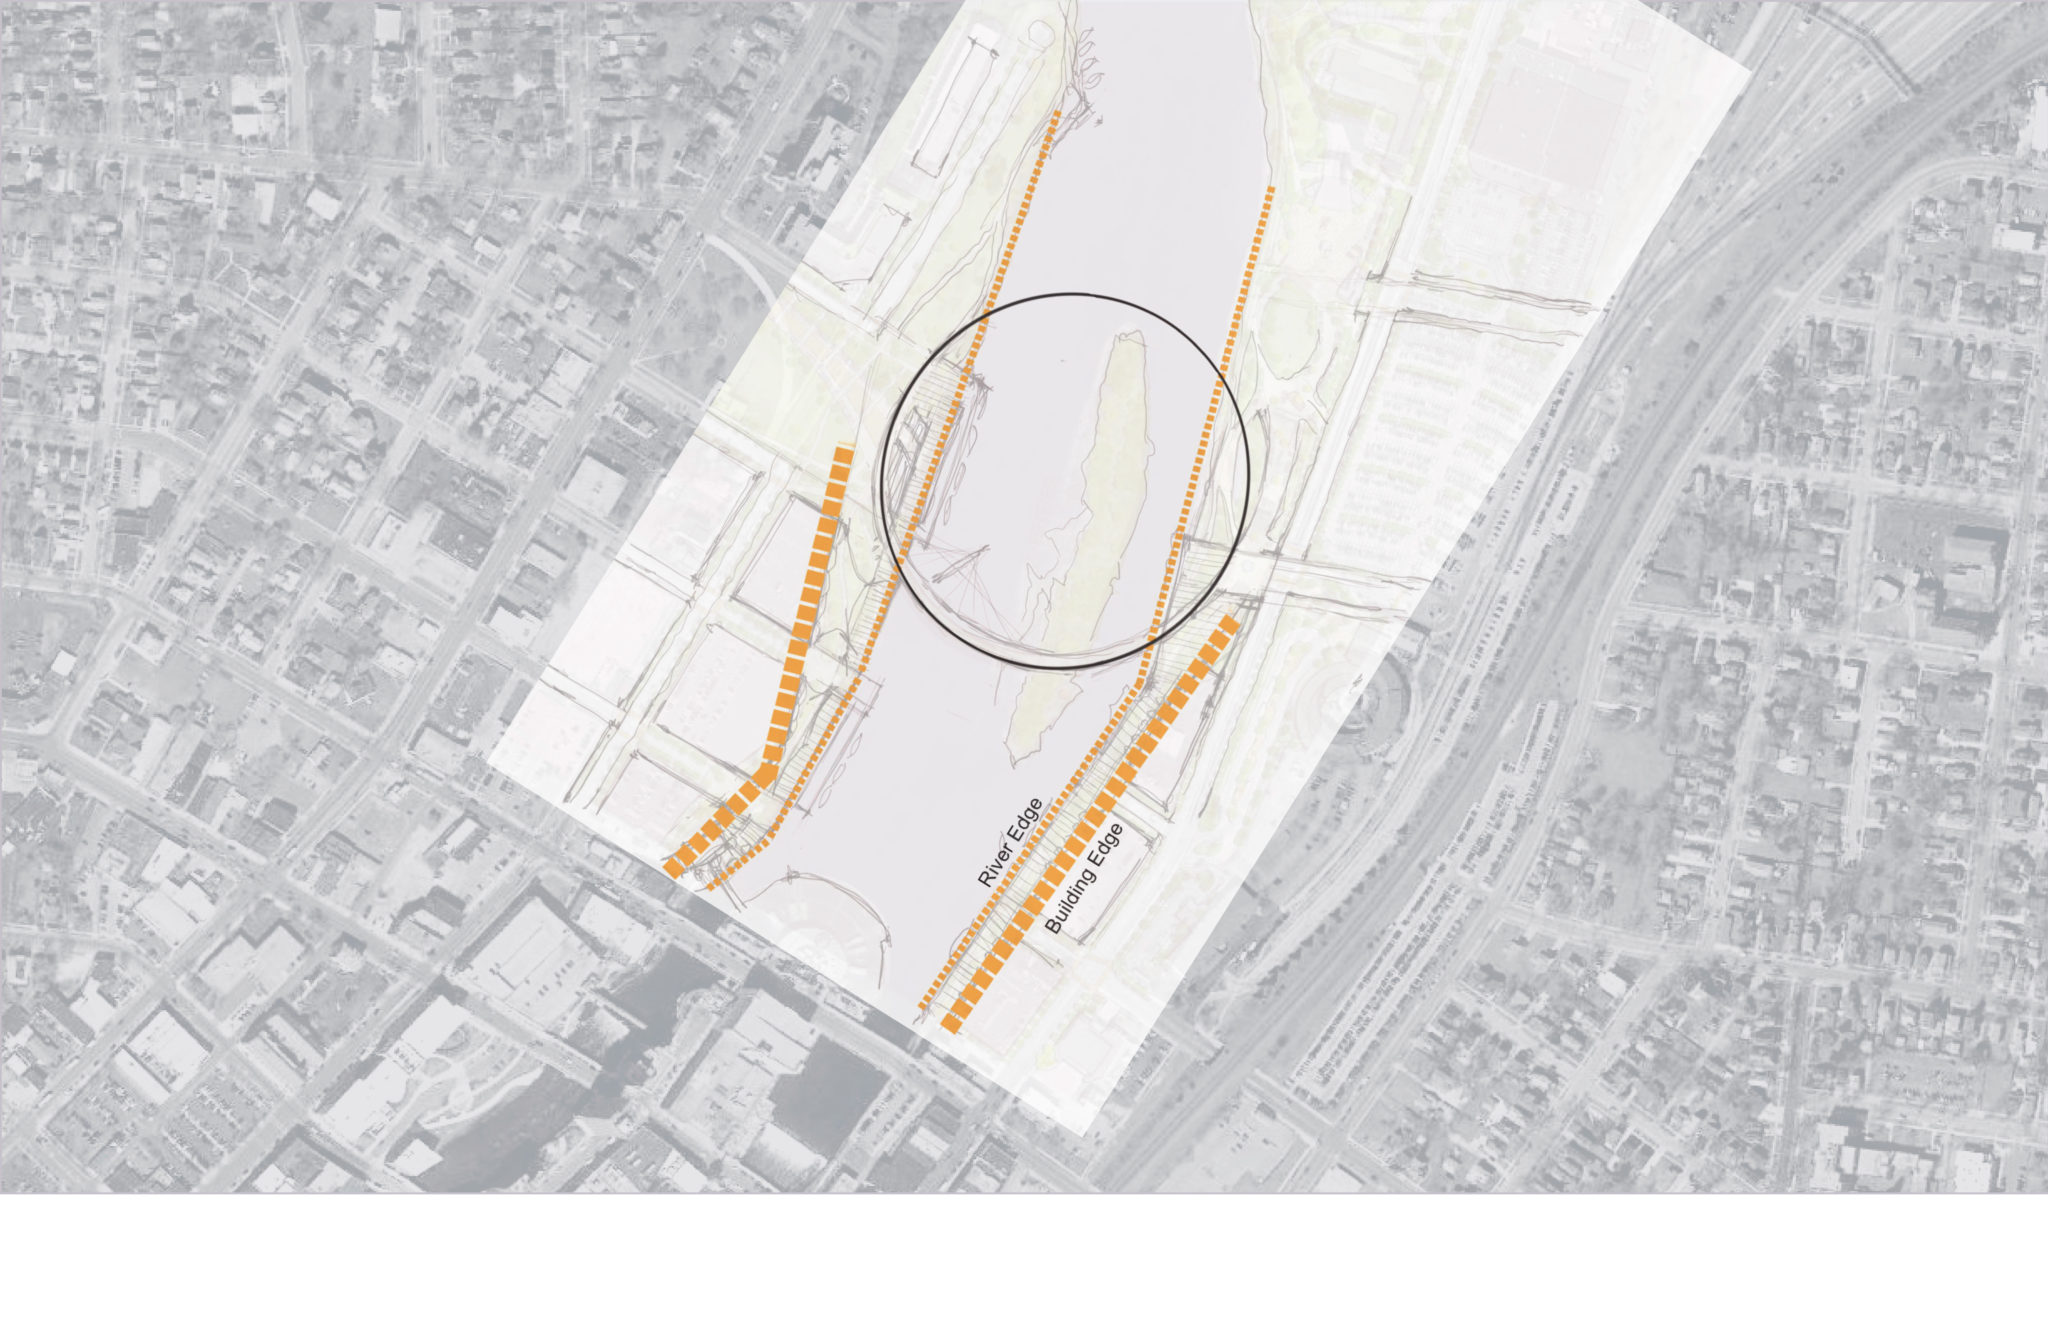 Arrows toward Site_Don sketch_Page_10